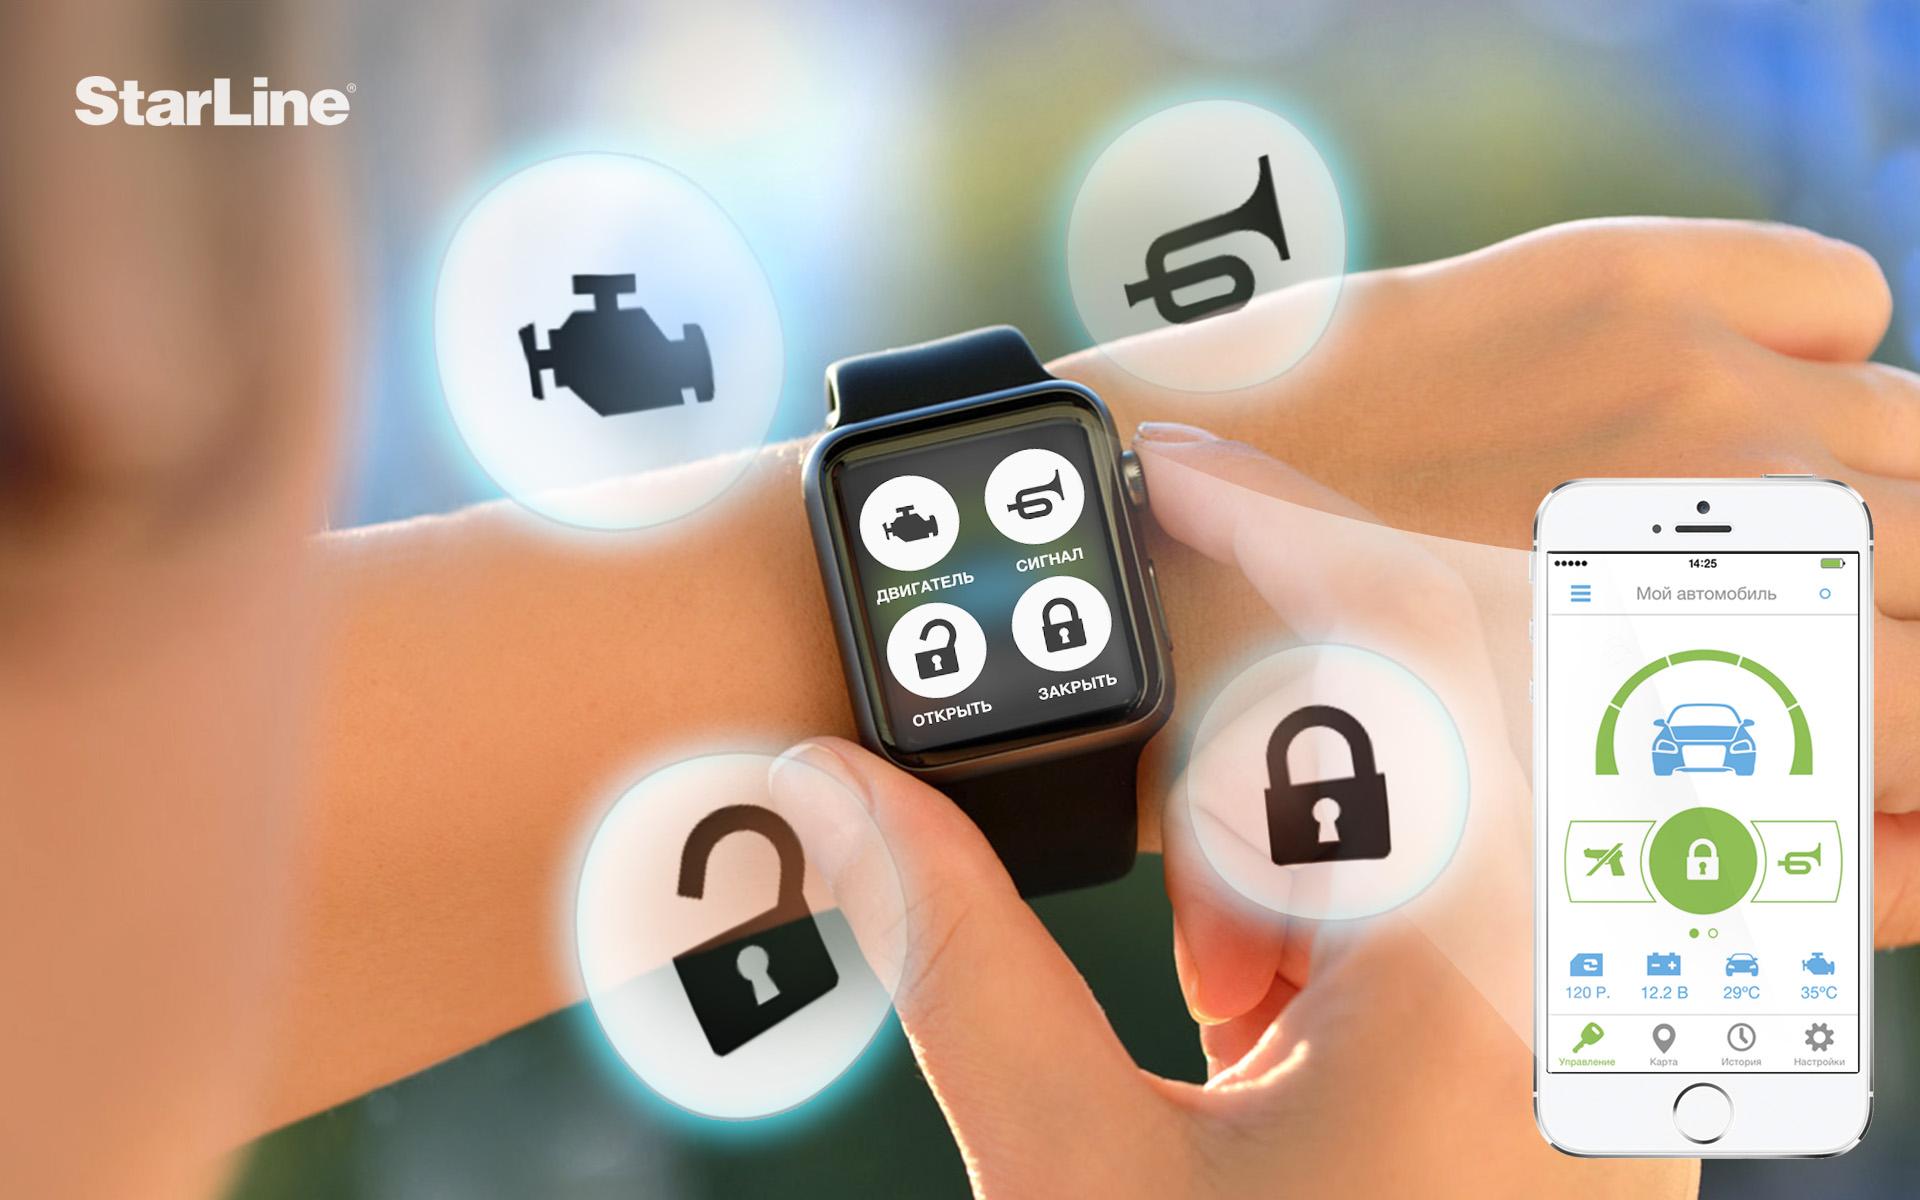 Скачать бесплатное мобильное приложение starline скачать программу лутцевой технология